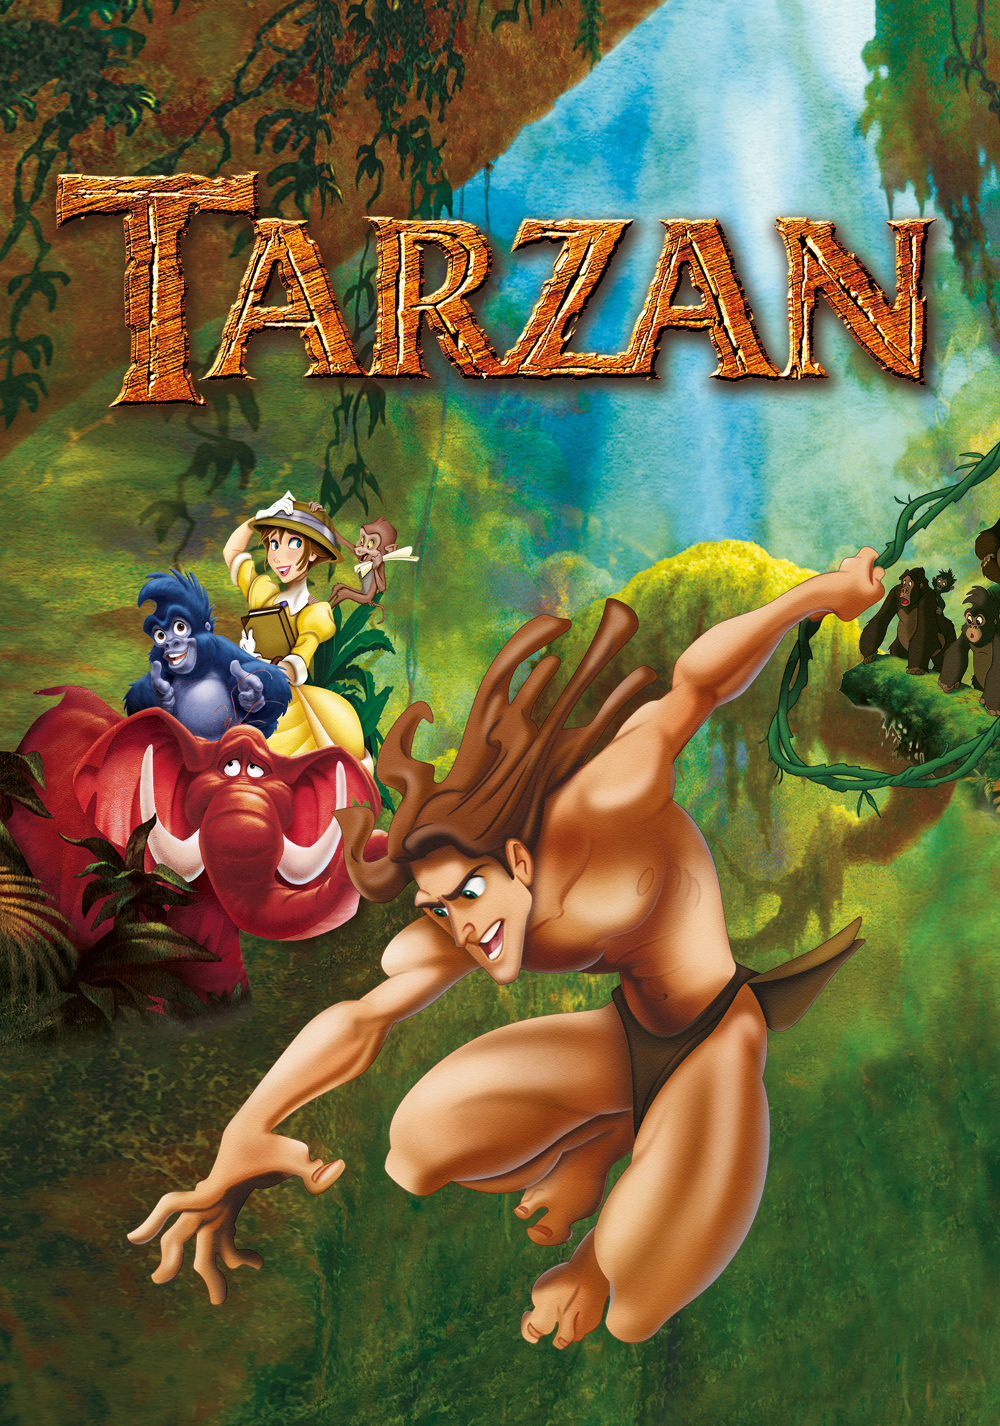 Tarzan 2 Movie Tarzan Movie Poster Image